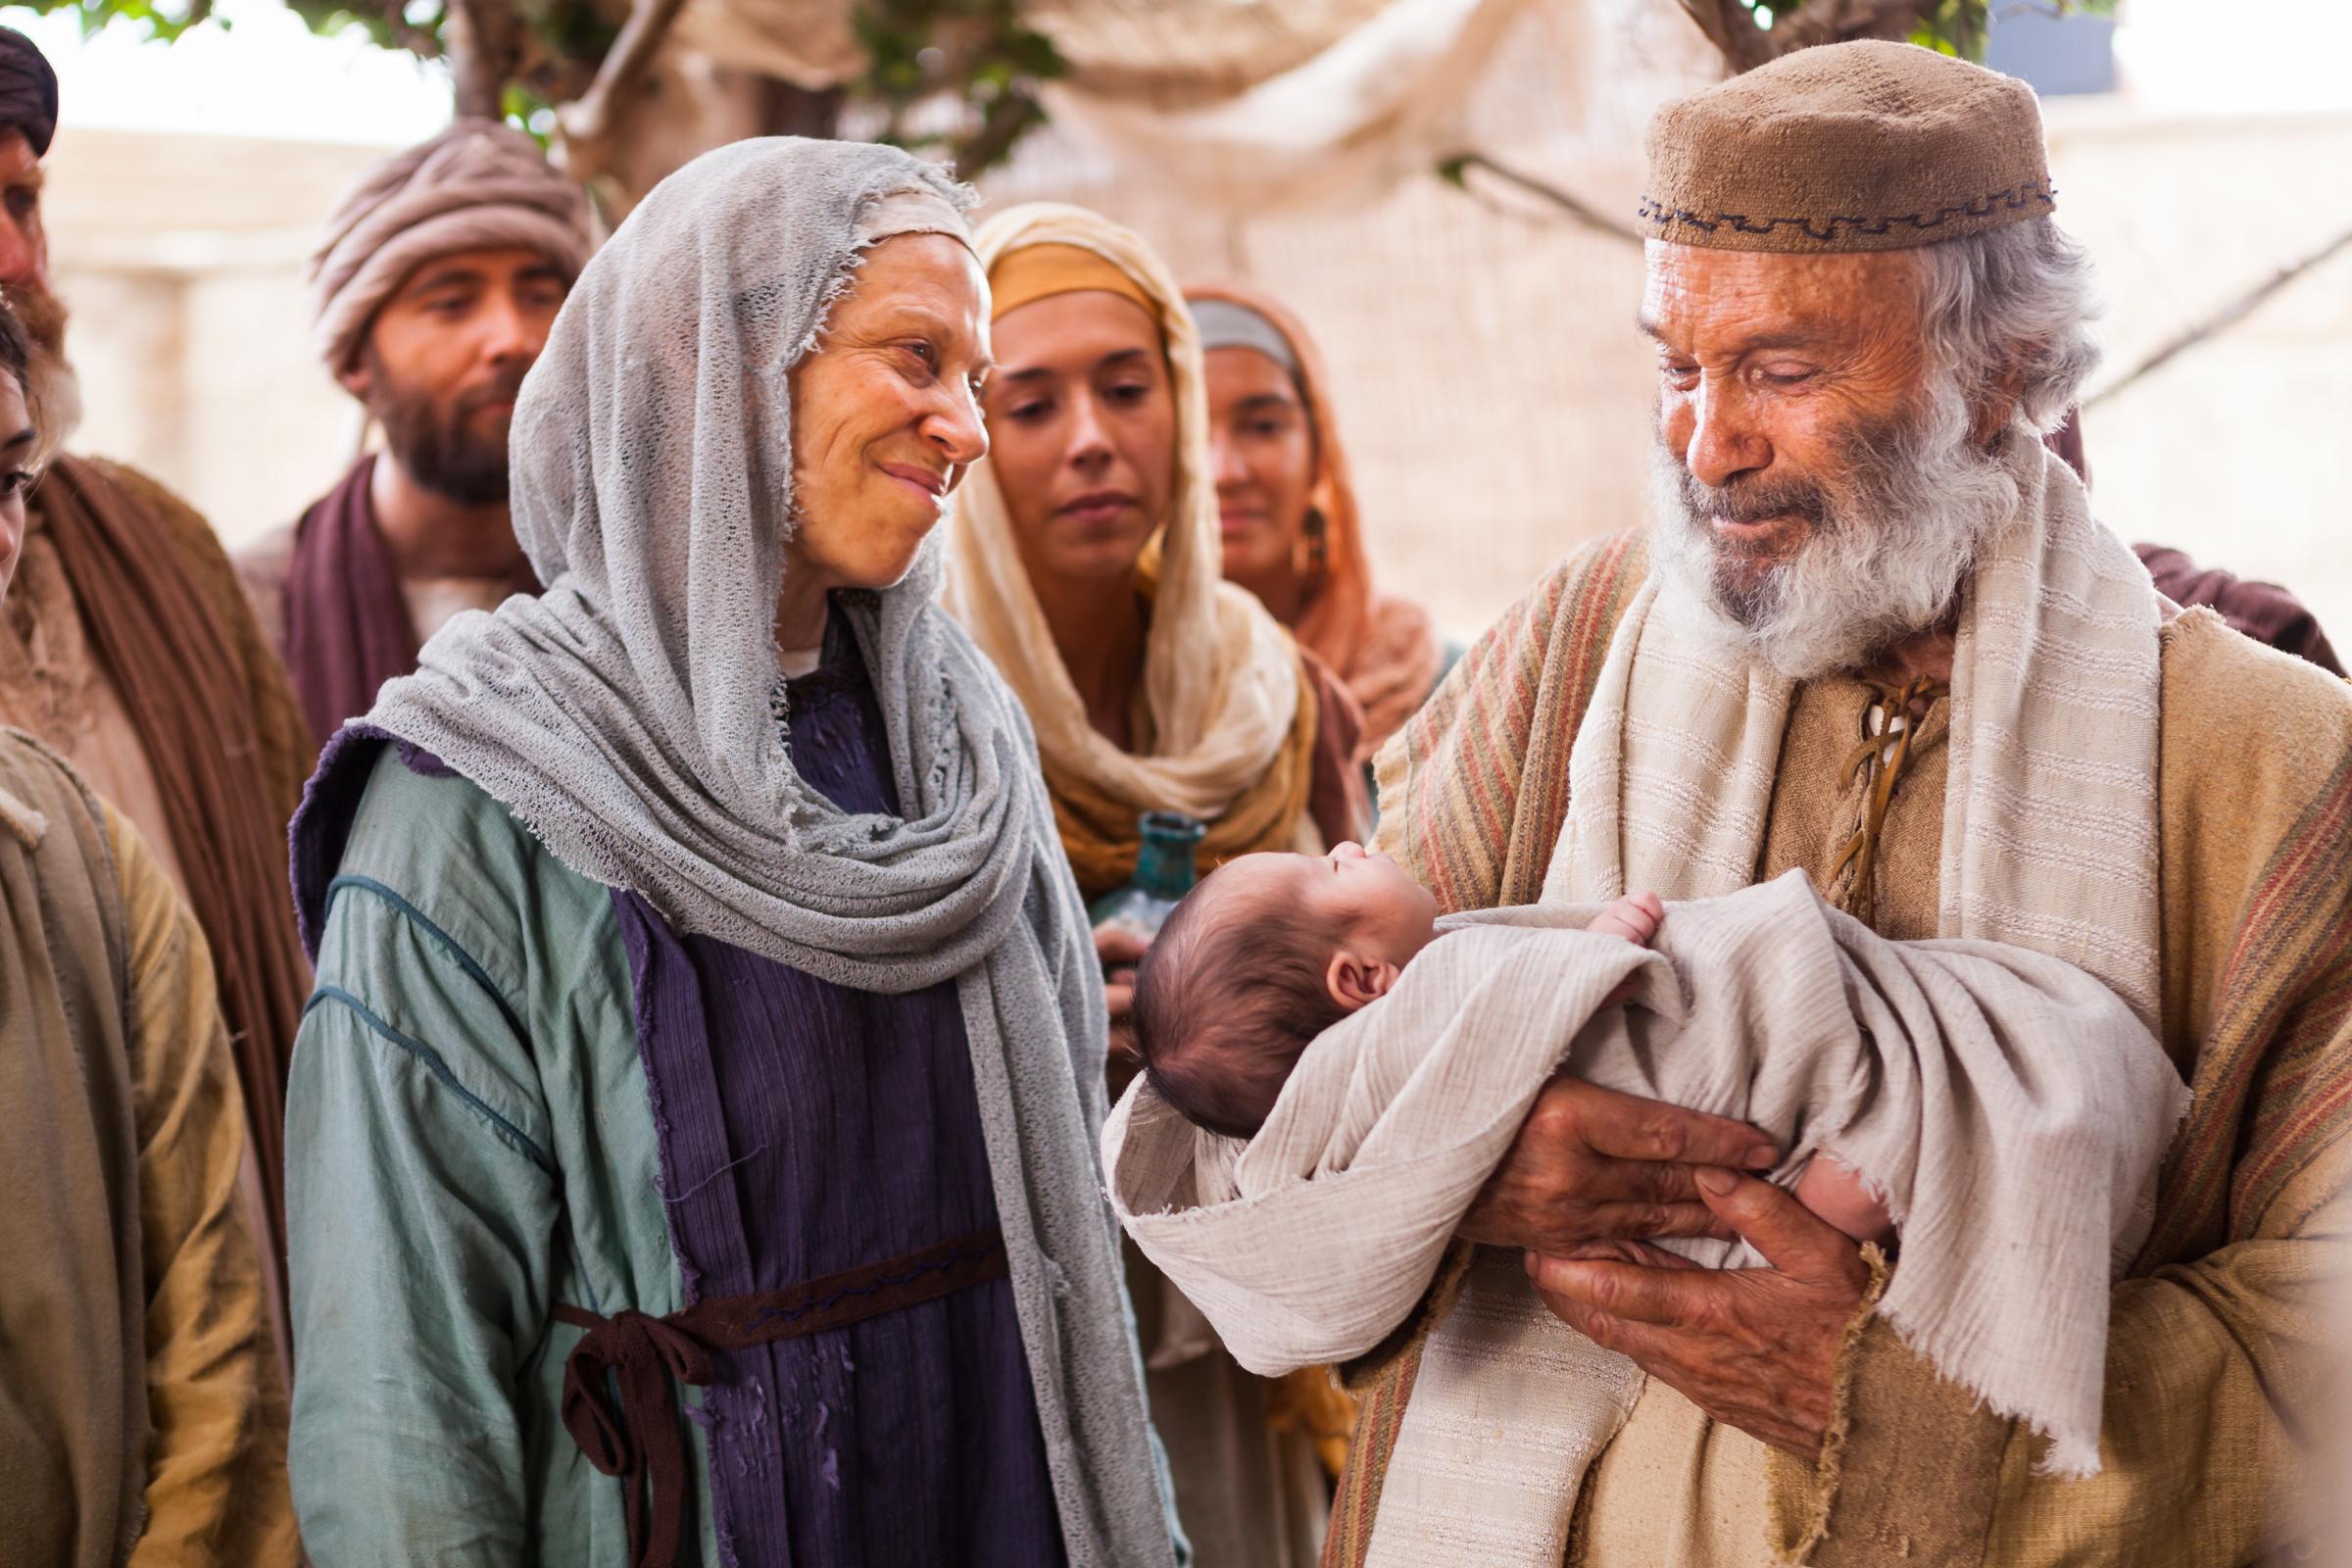 baptist people - photo #34